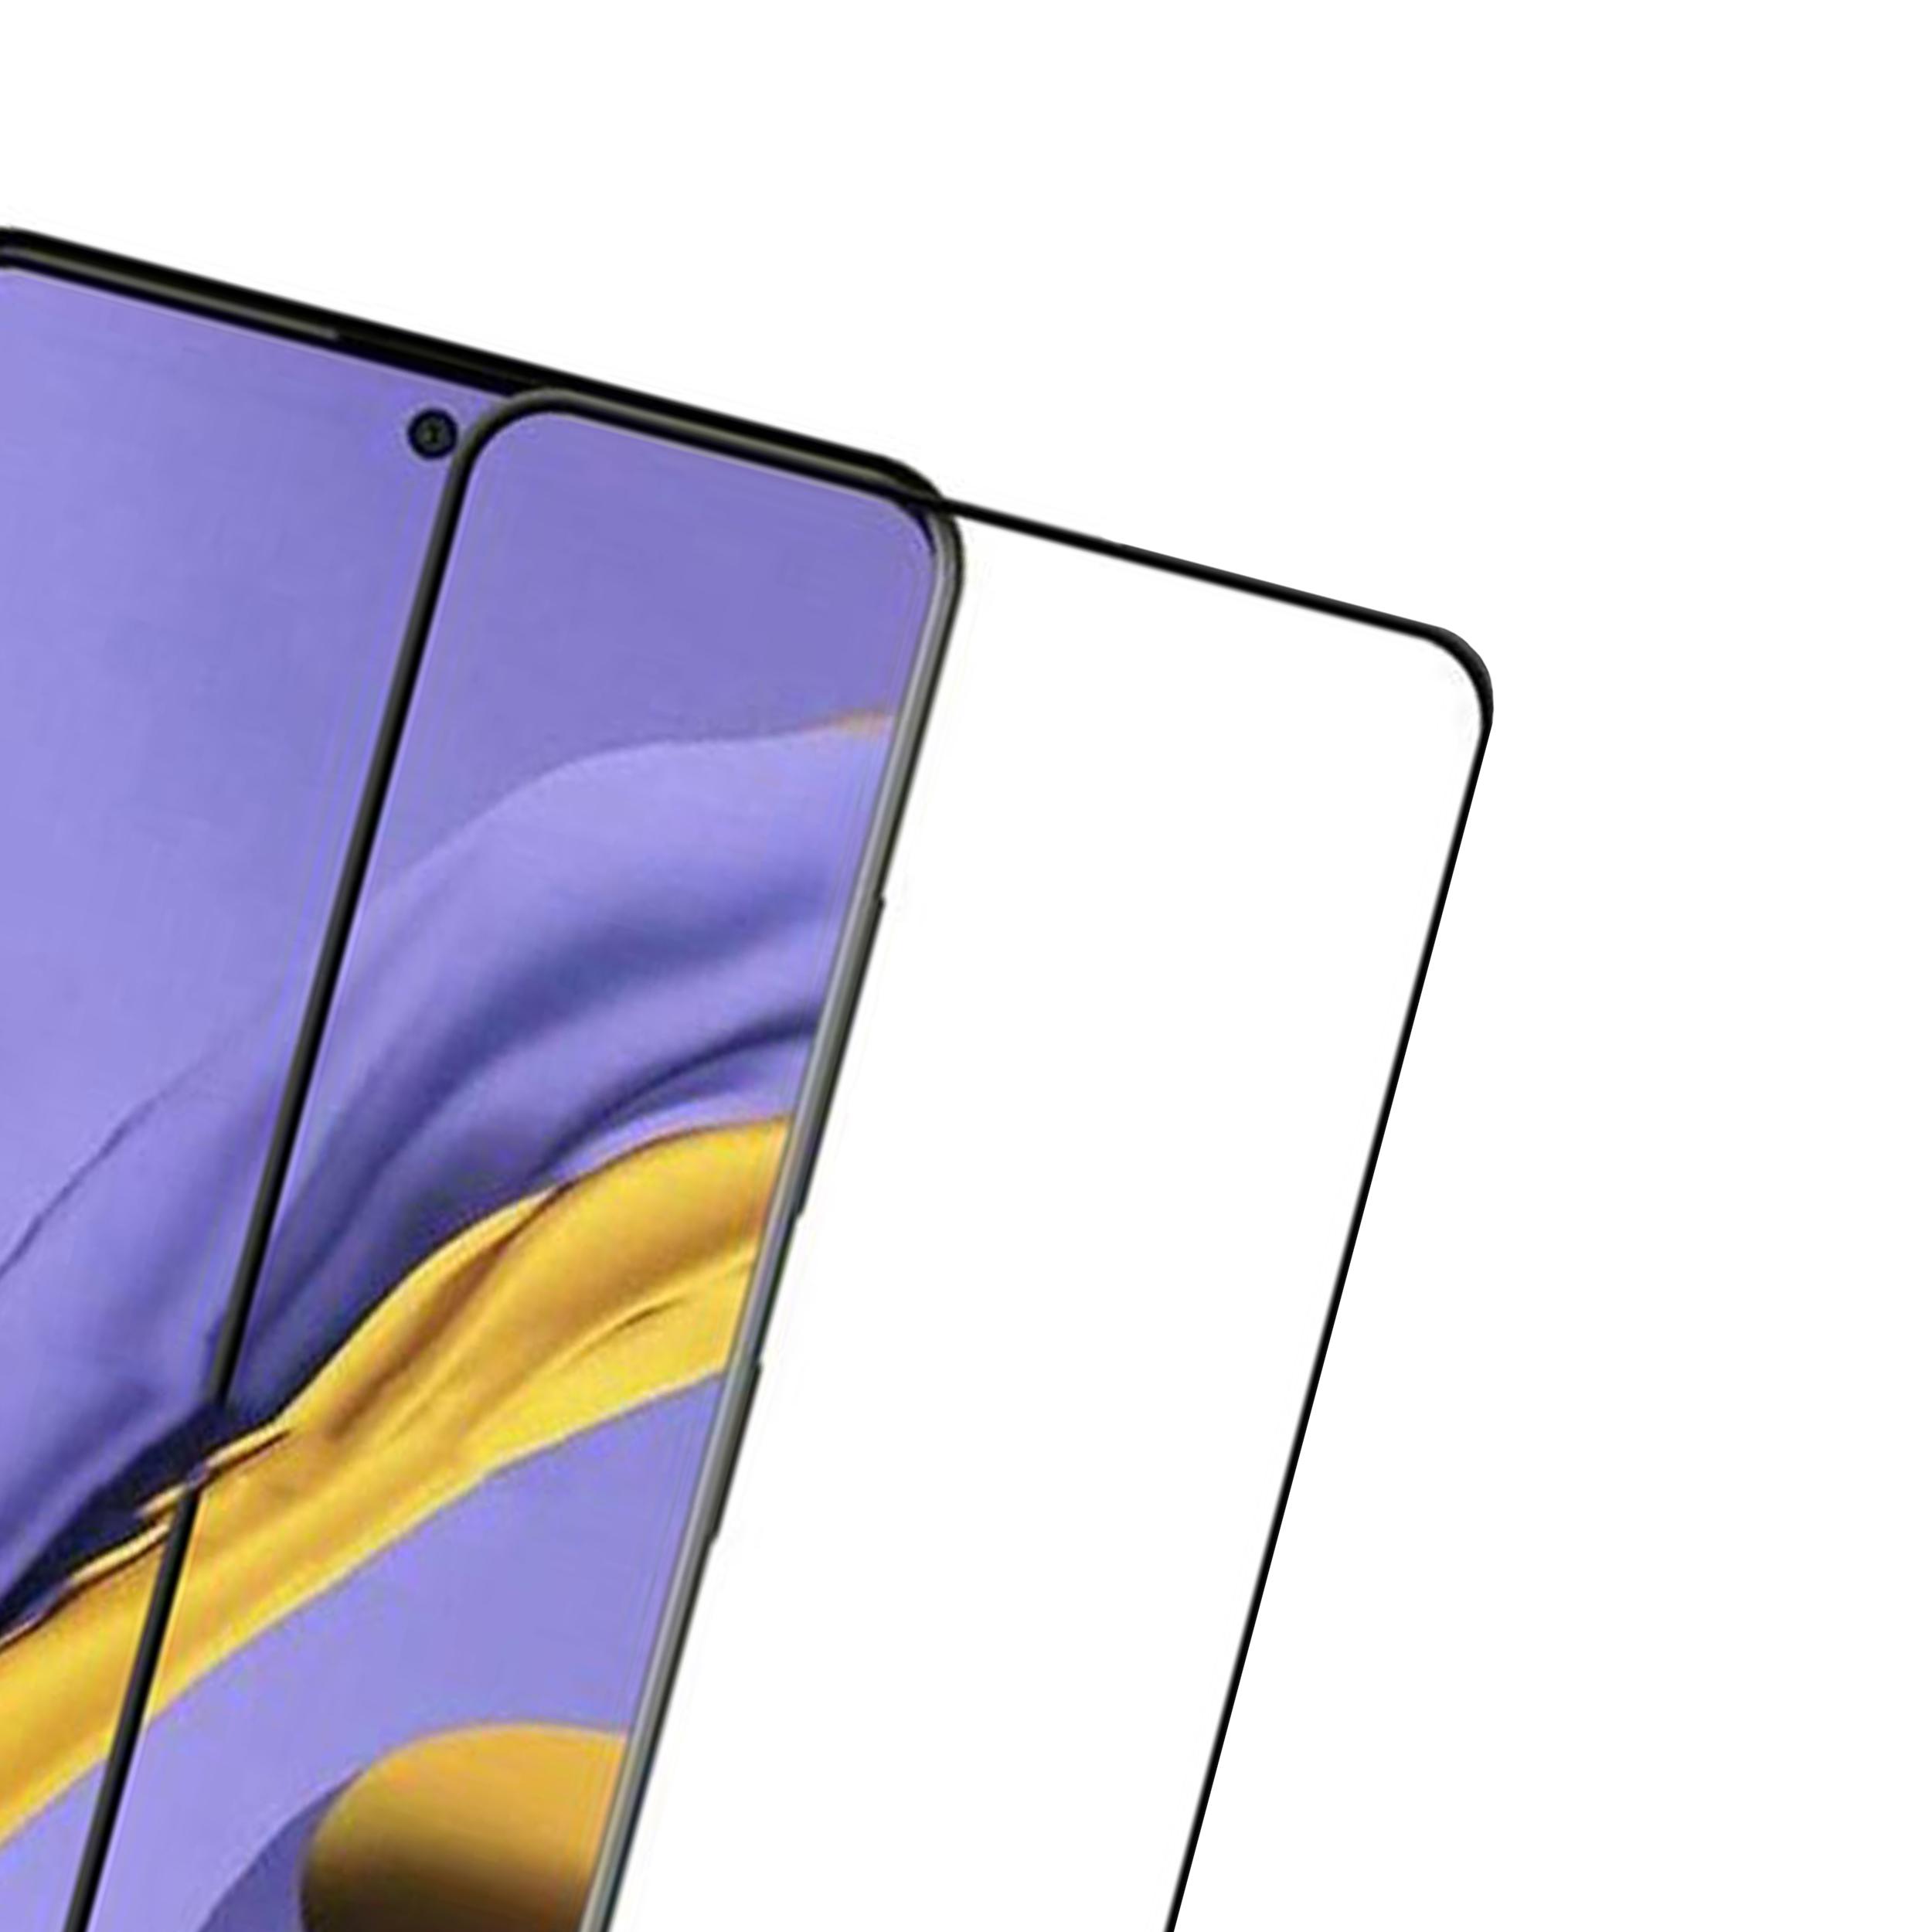 محافظ صفحه نمایش مدل SA51 مناسب برای گوشی موبایل سامسونگ Galexy A51 main 1 1